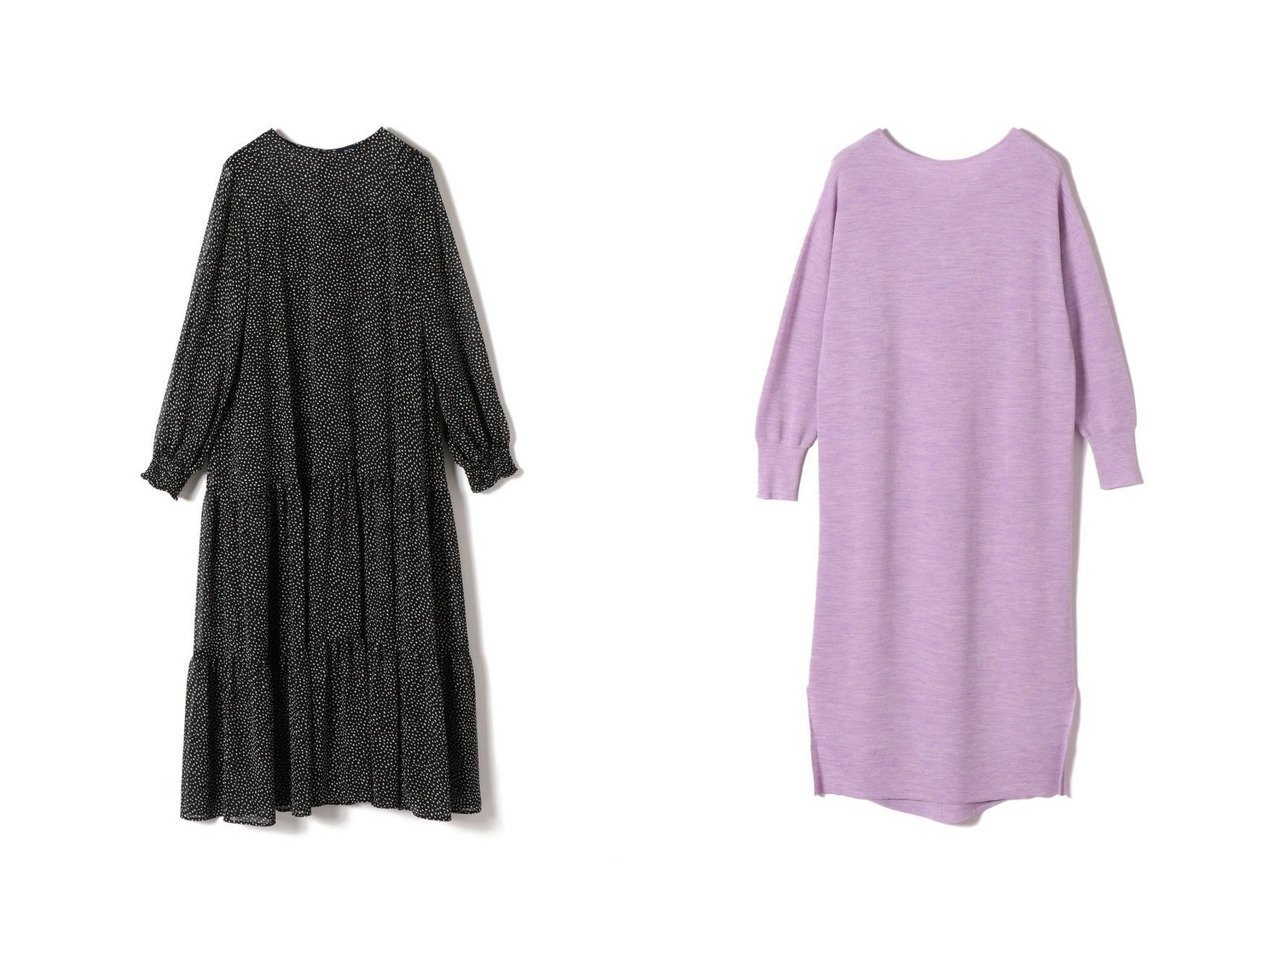 【SHIPS/シップス フォー ウィメン】のシアードットティアードワンピース&16G 2WAYワンピース ワンピース・ドレスのおすすめ!人気、トレンド・レディースファッションの通販  おすすめで人気の流行・トレンド、ファッションの通販商品 メンズファッション・キッズファッション・インテリア・家具・レディースファッション・服の通販 founy(ファニー) https://founy.com/ ファッション Fashion レディースファッション WOMEN ワンピース Dress ニットワンピース Knit Dresses カーディガン シフォン ティアード ドット バランス ランダム レギンス ロング 冬 Winter 長袖 シンプル スキッパー |ID:crp329100000010183